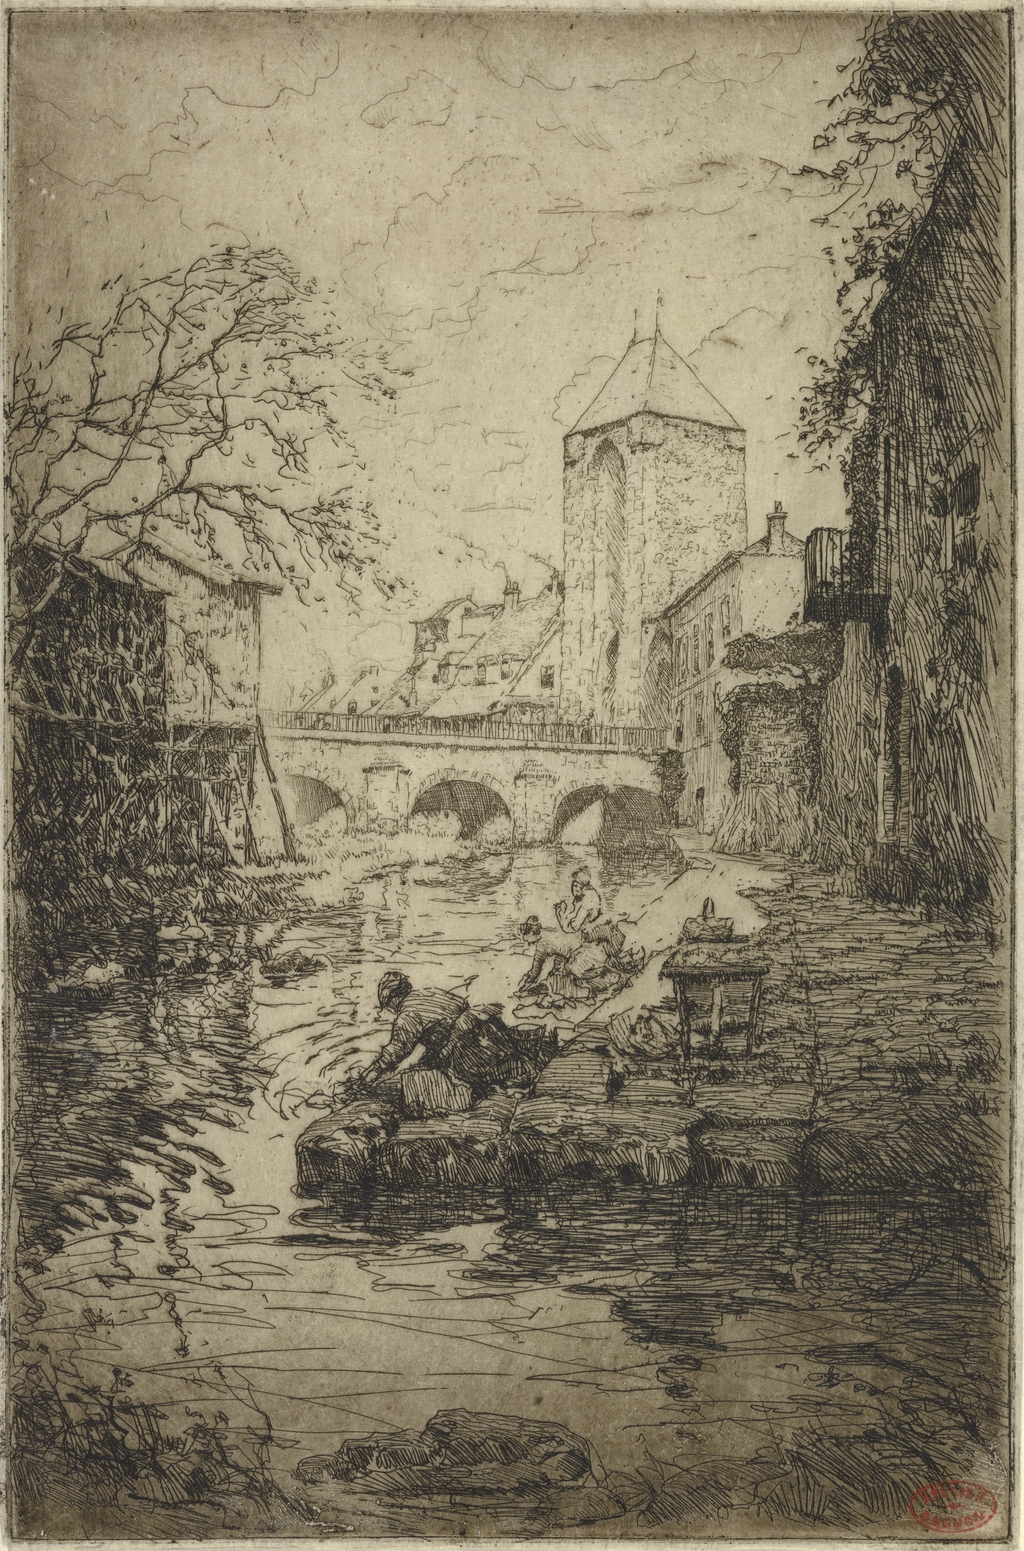 Porte de Bourgogne, Moret-sur-Loing